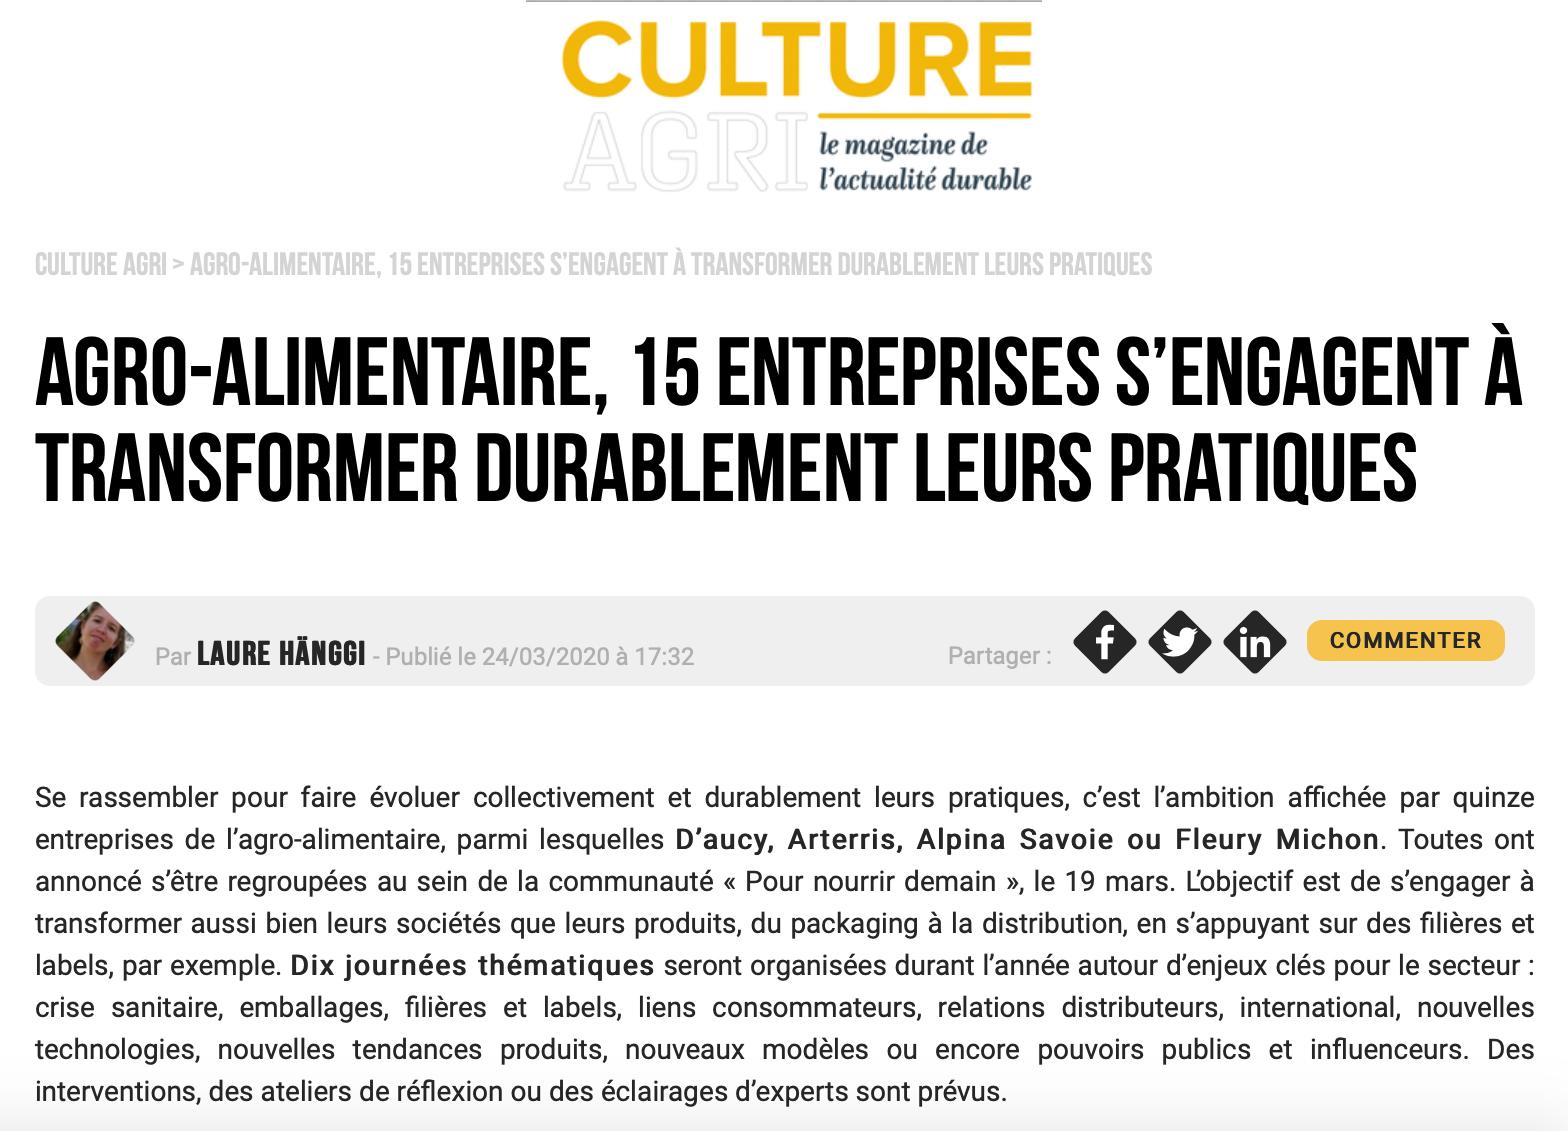 cultureagri - (média) Agro-alimentaire, 15 entreprises s'engagent à transformer durablement leurs pratiques - Culture Agri